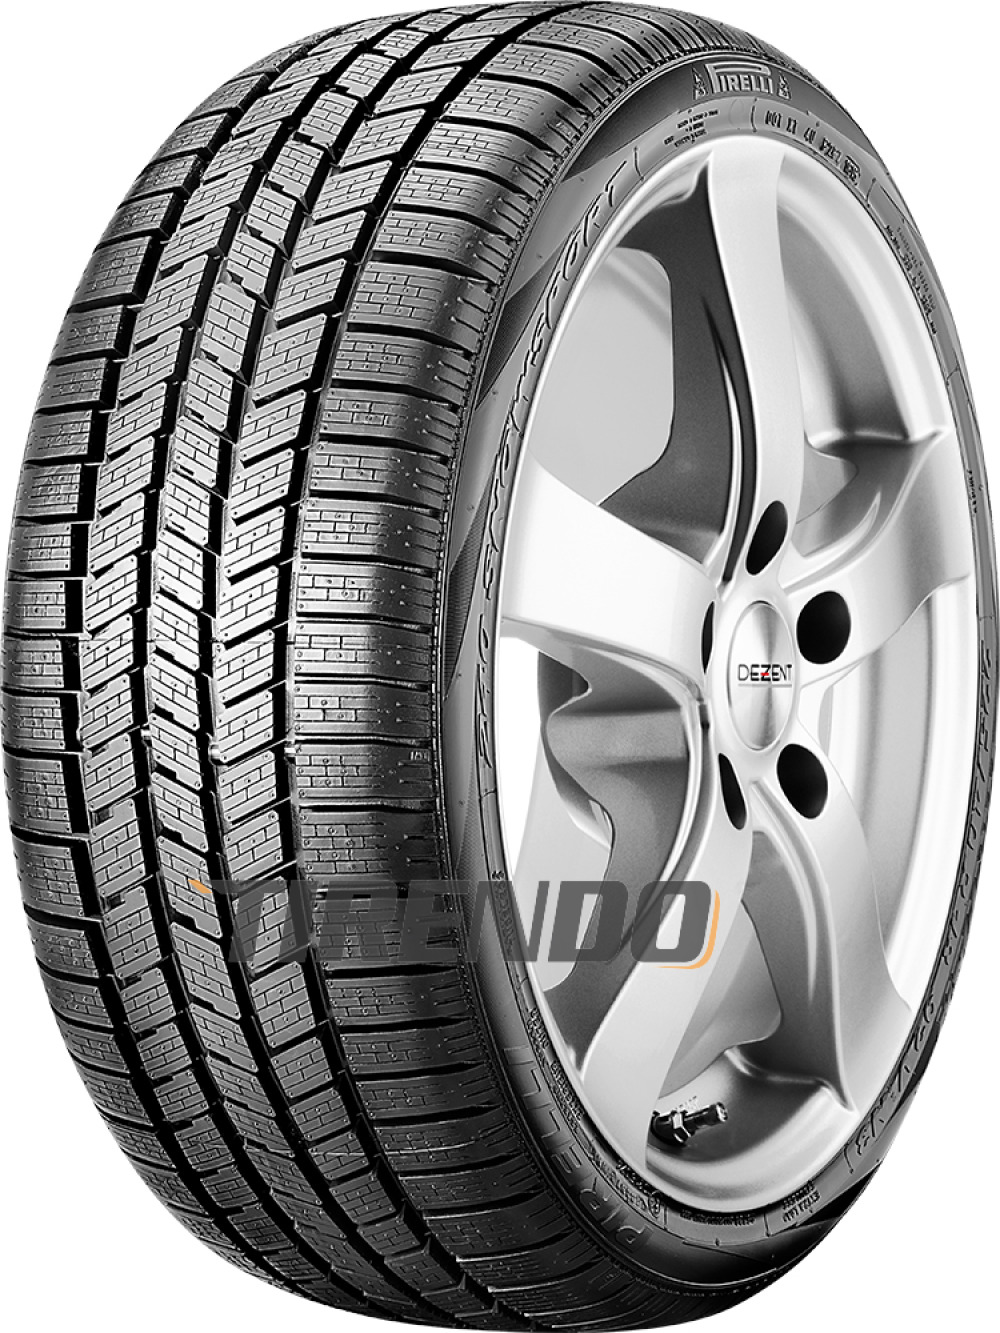 Pirelli W 240 Snowsport ( 225/40 R18 92V XL , N3, mit Felgenschutz (MFS) )